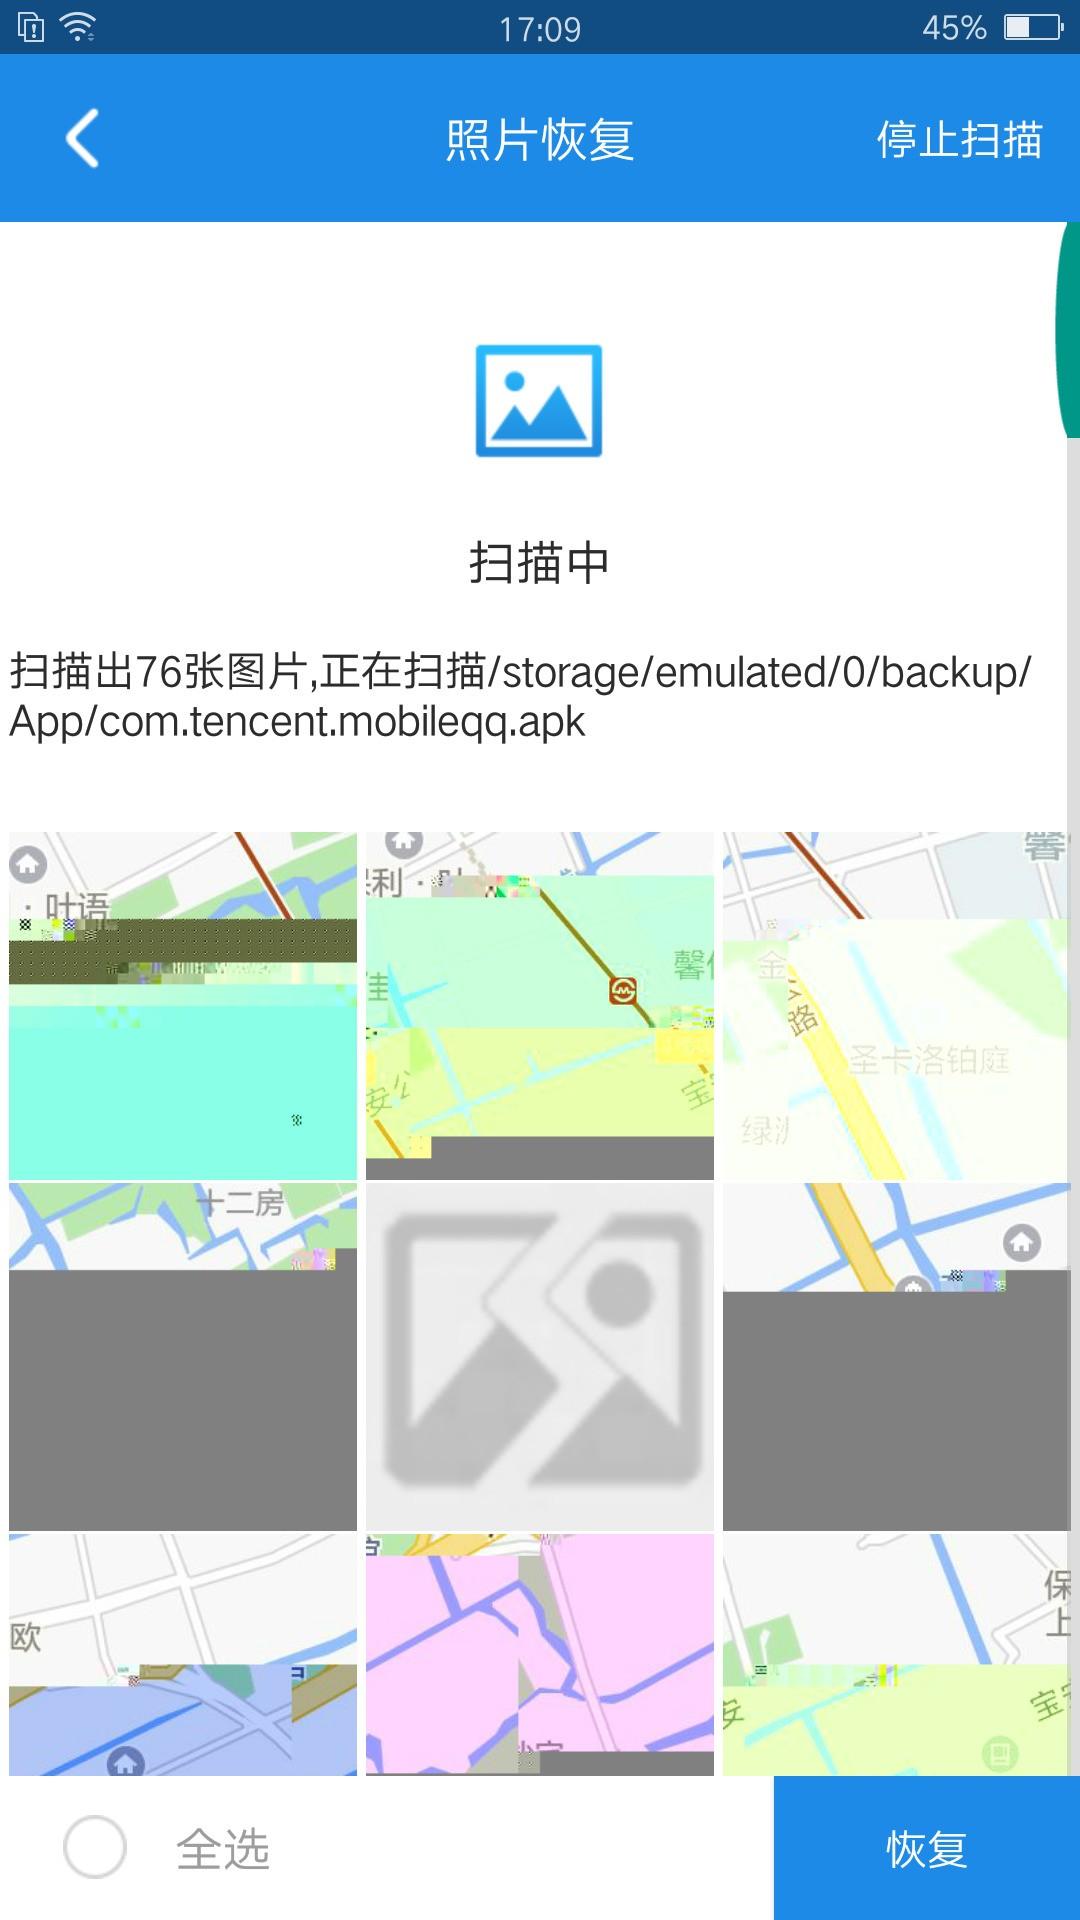 金立手机照片误删恢复教程——强力数据恢复软件